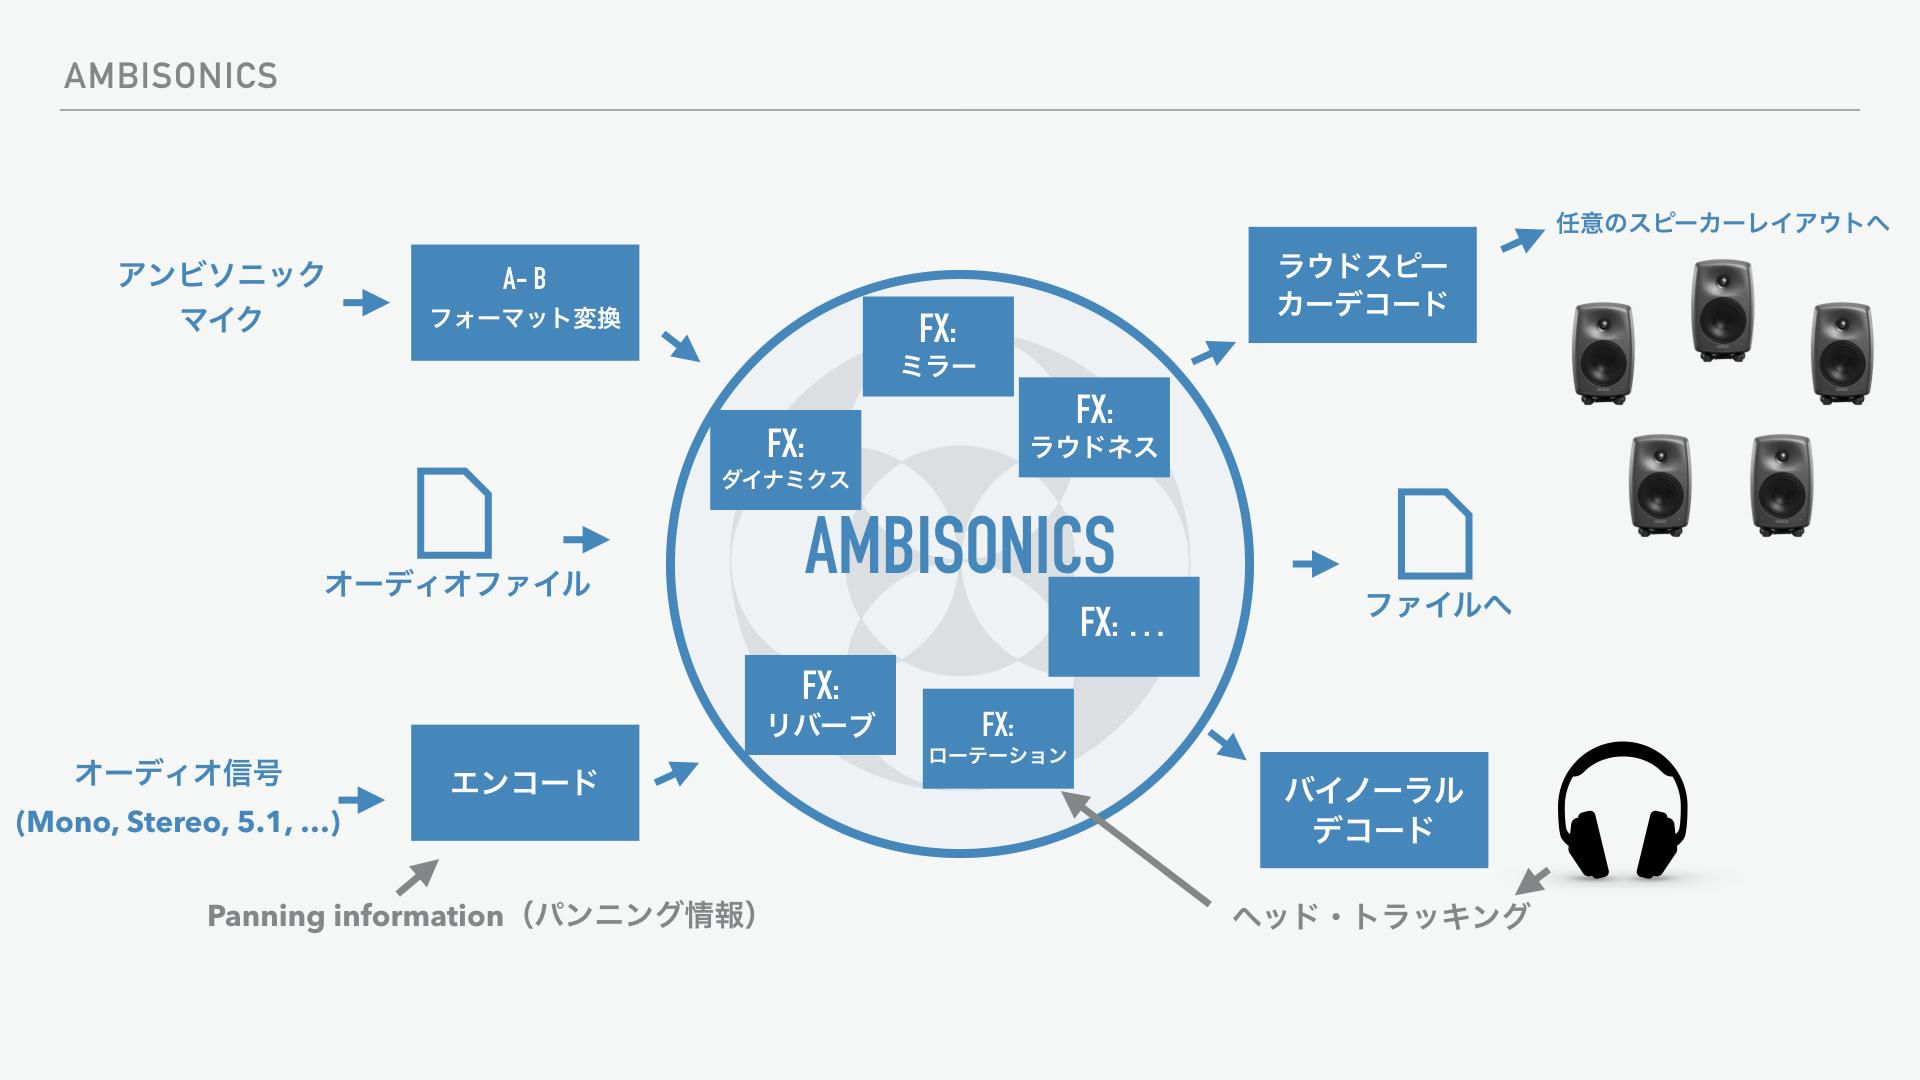 Ambisonics(アンビソニックス)とは?:Ambisonic制作/ワークフロー